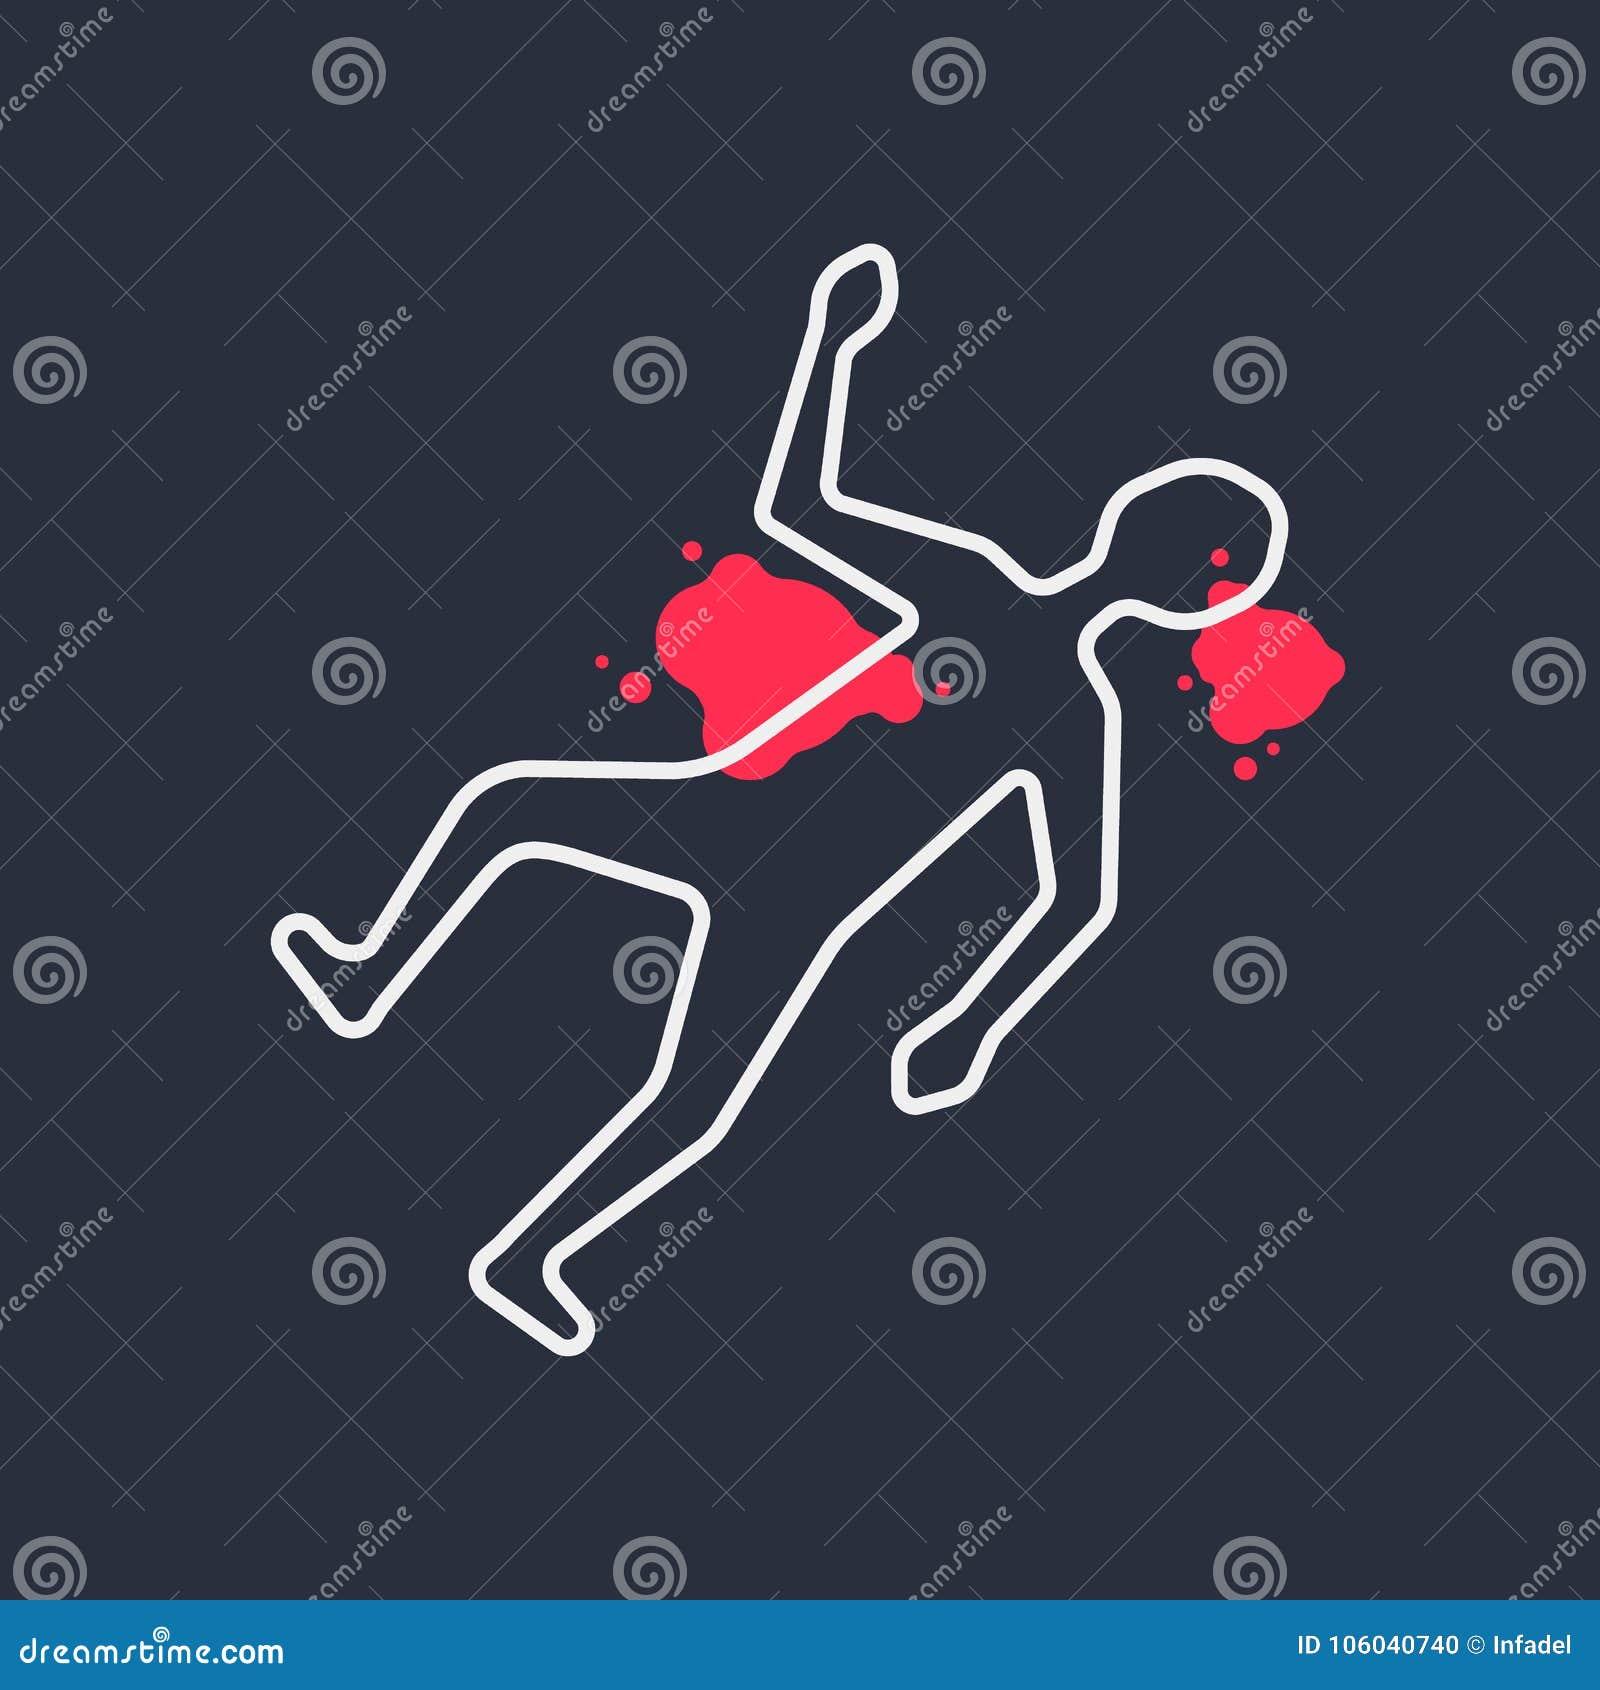 Outline Body Like Simple Crime Scene Stock Vector - Illustration of